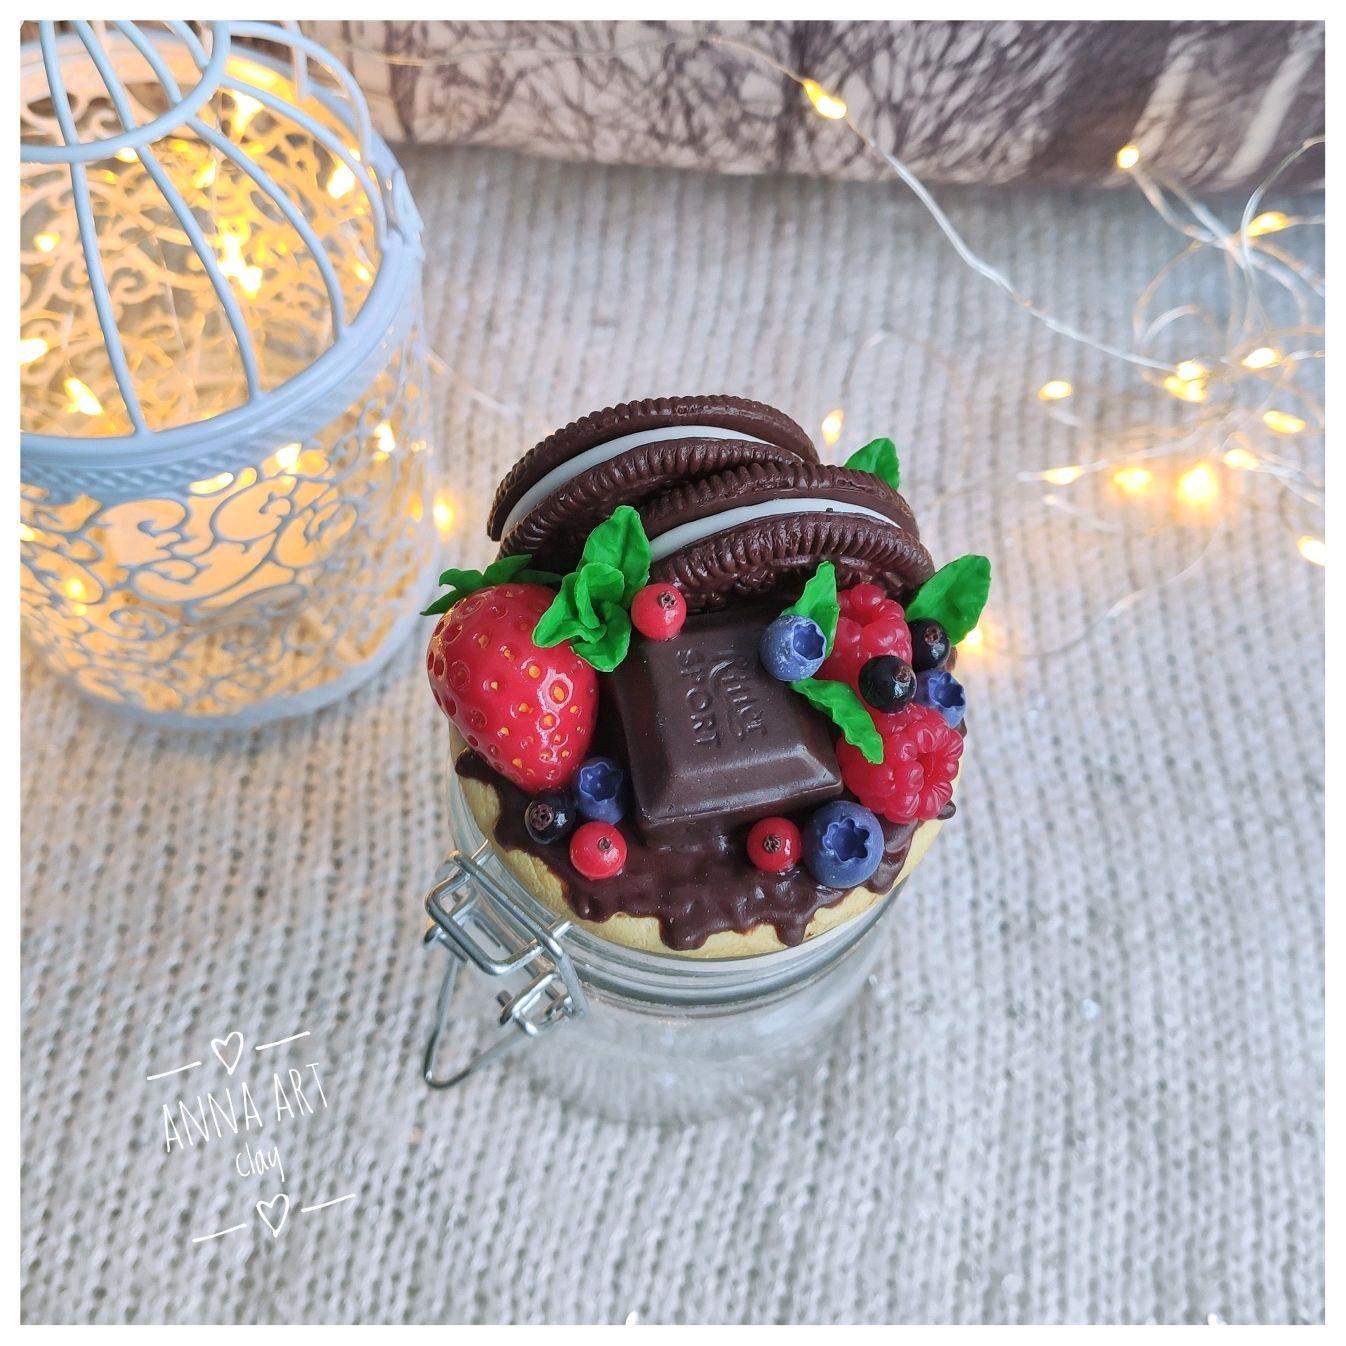 Вкусная баночка с шоколадно-ягодным декором из полимерной глины, Банки, Волгоград,  Фото №1